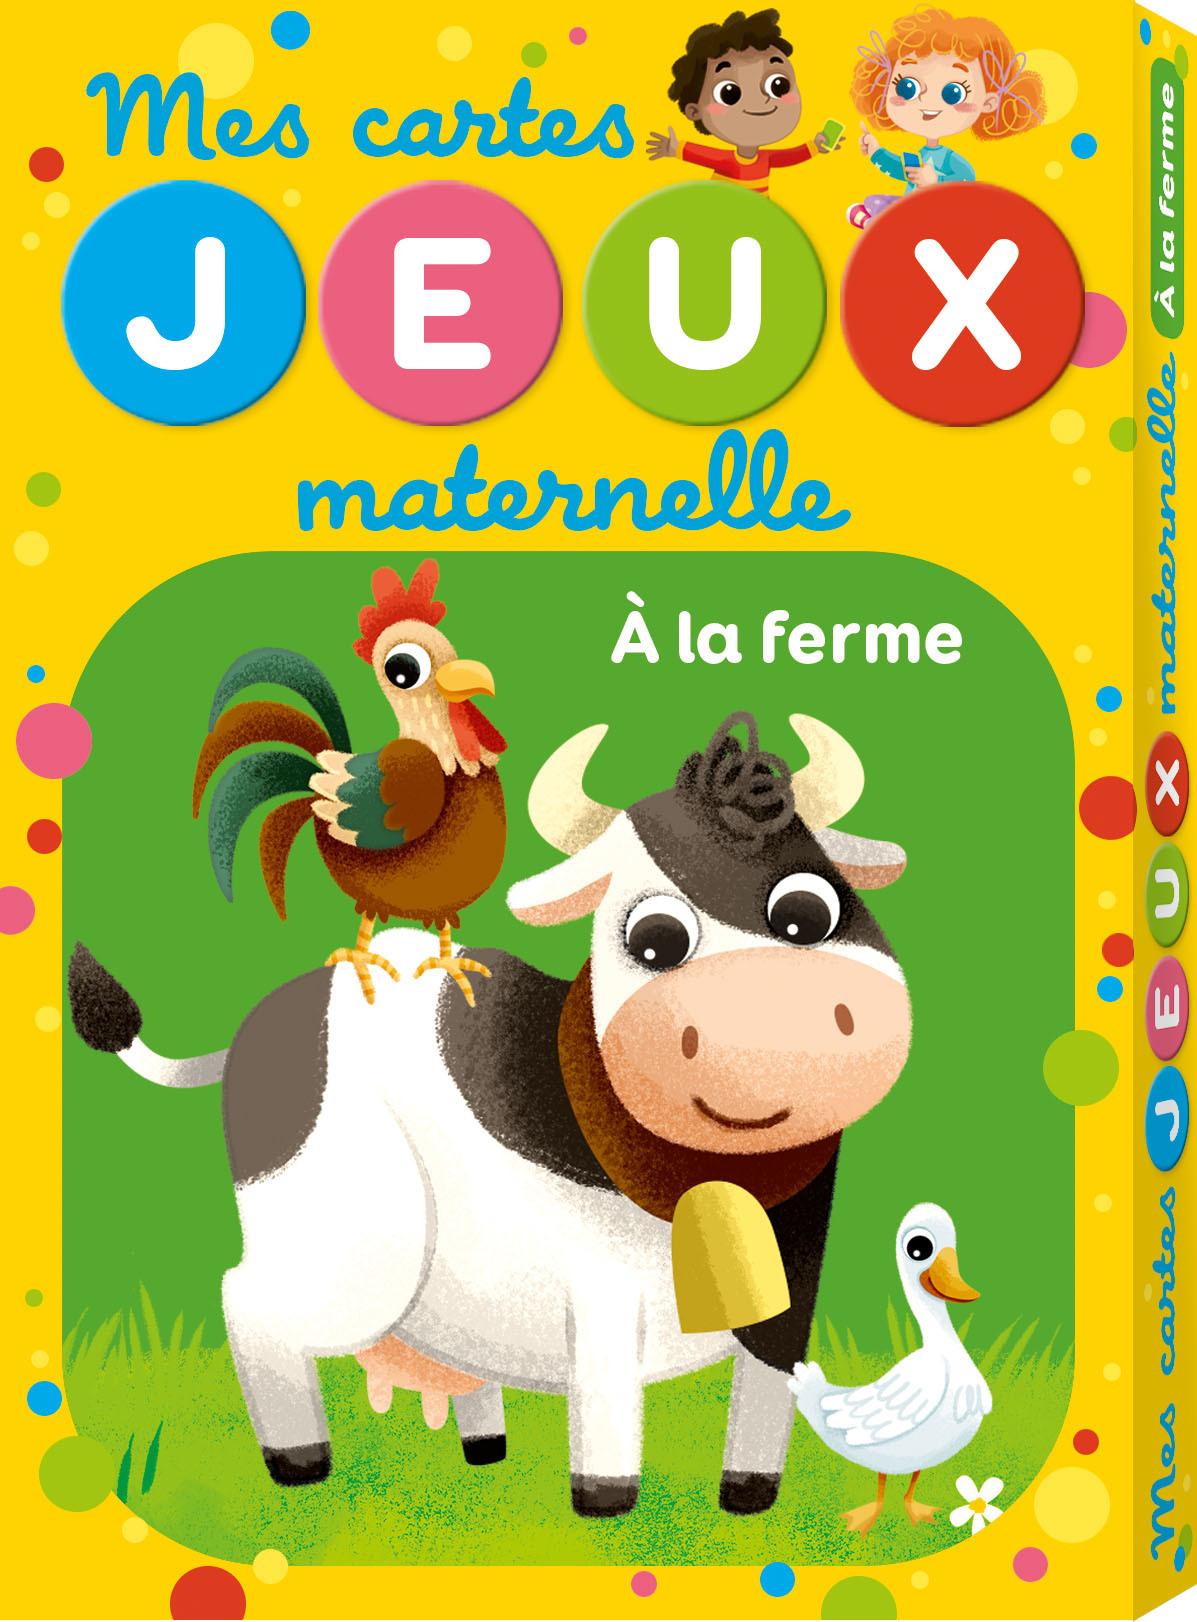 CARTE JEUX MATERNELLE FERME